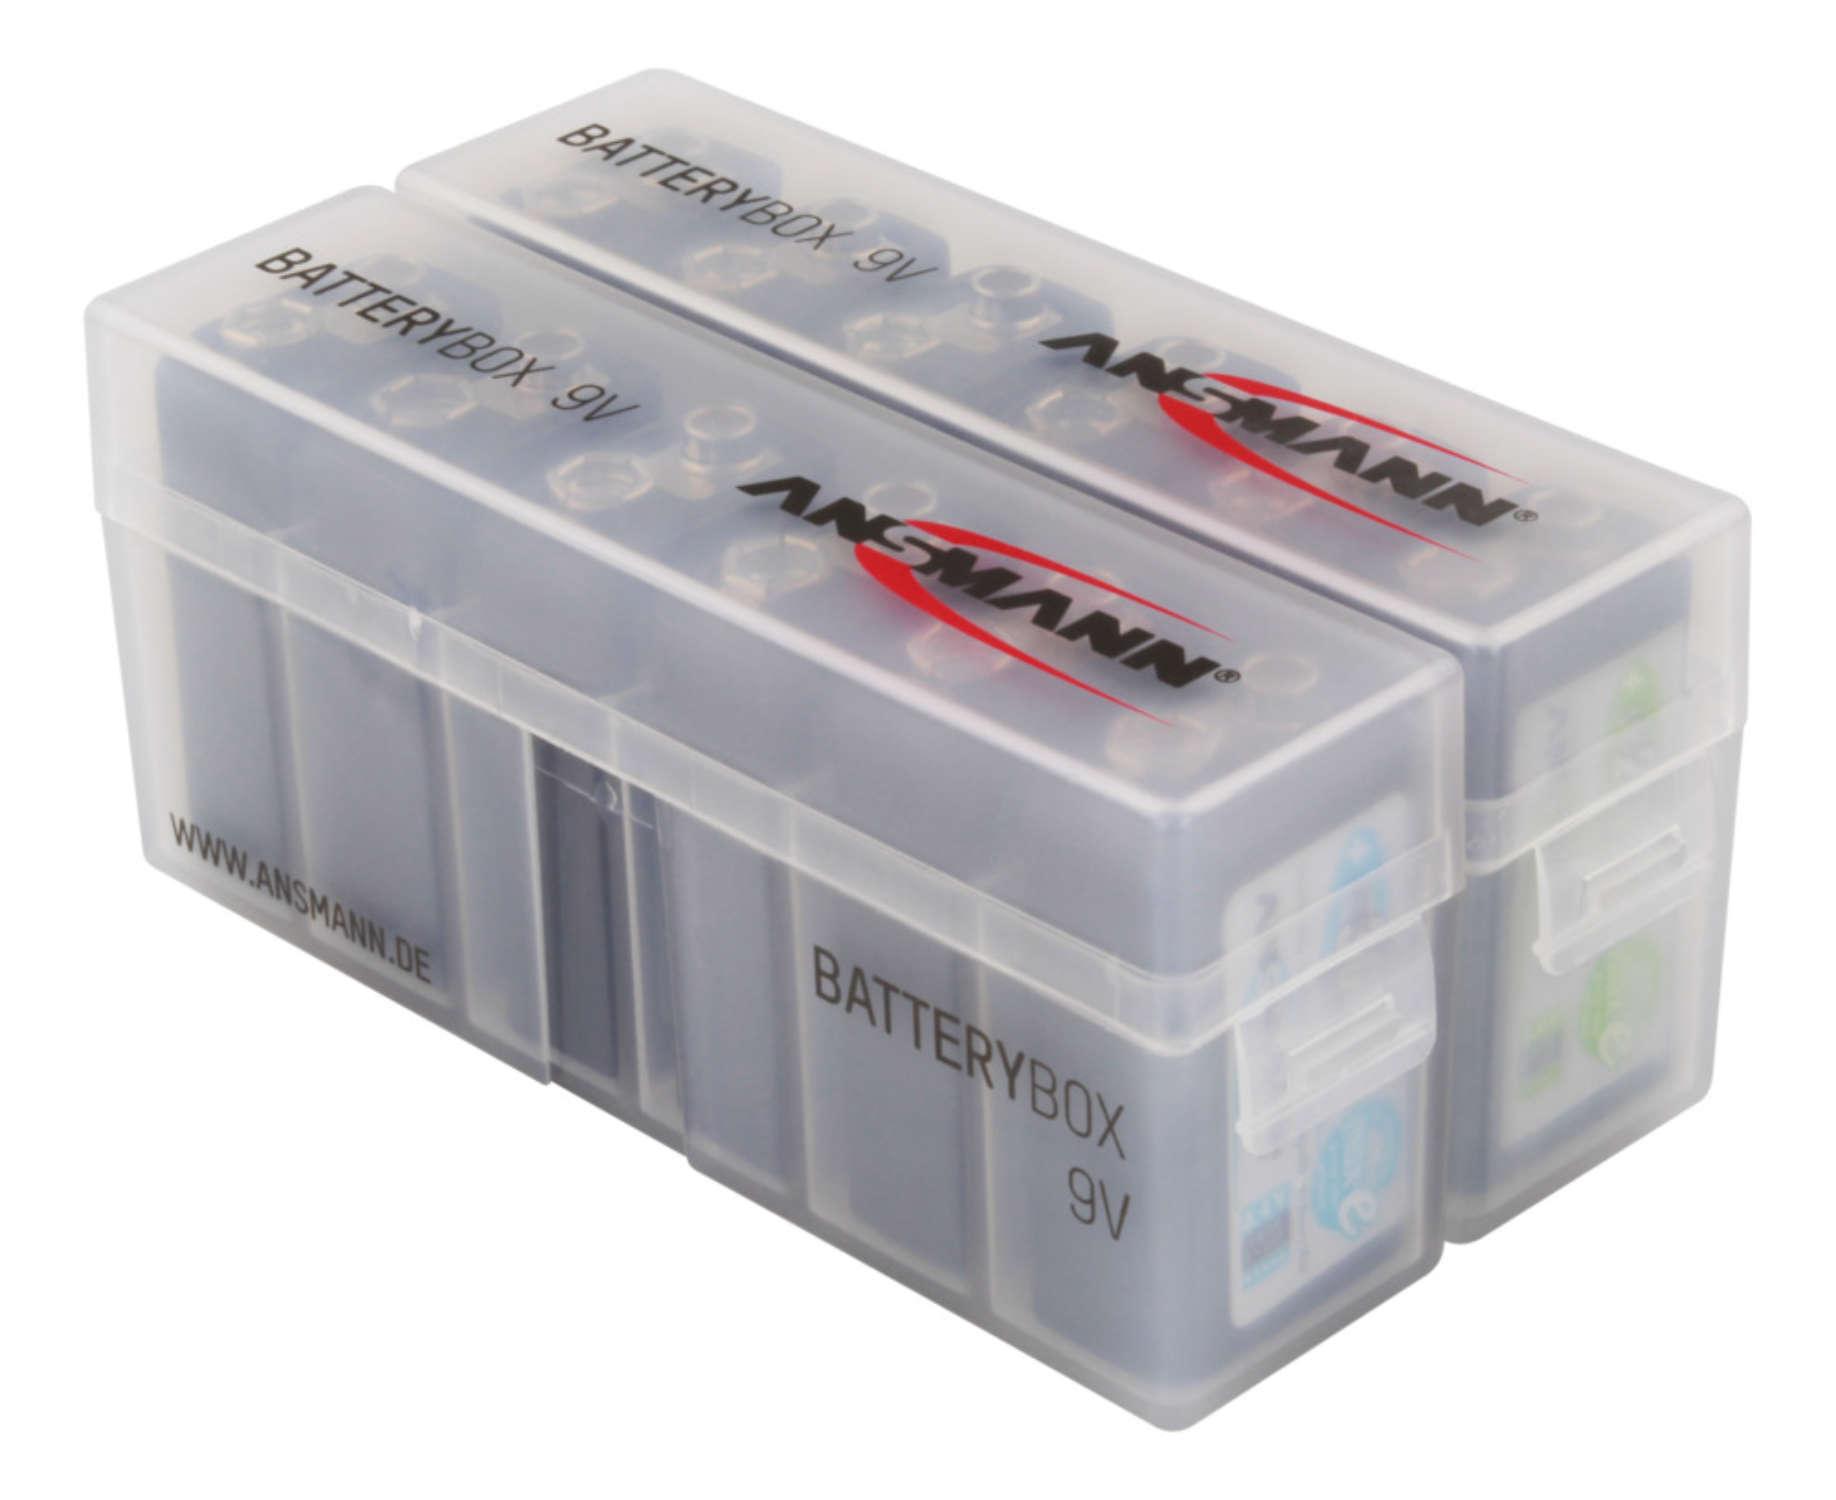 Batterybox 6 - 9V